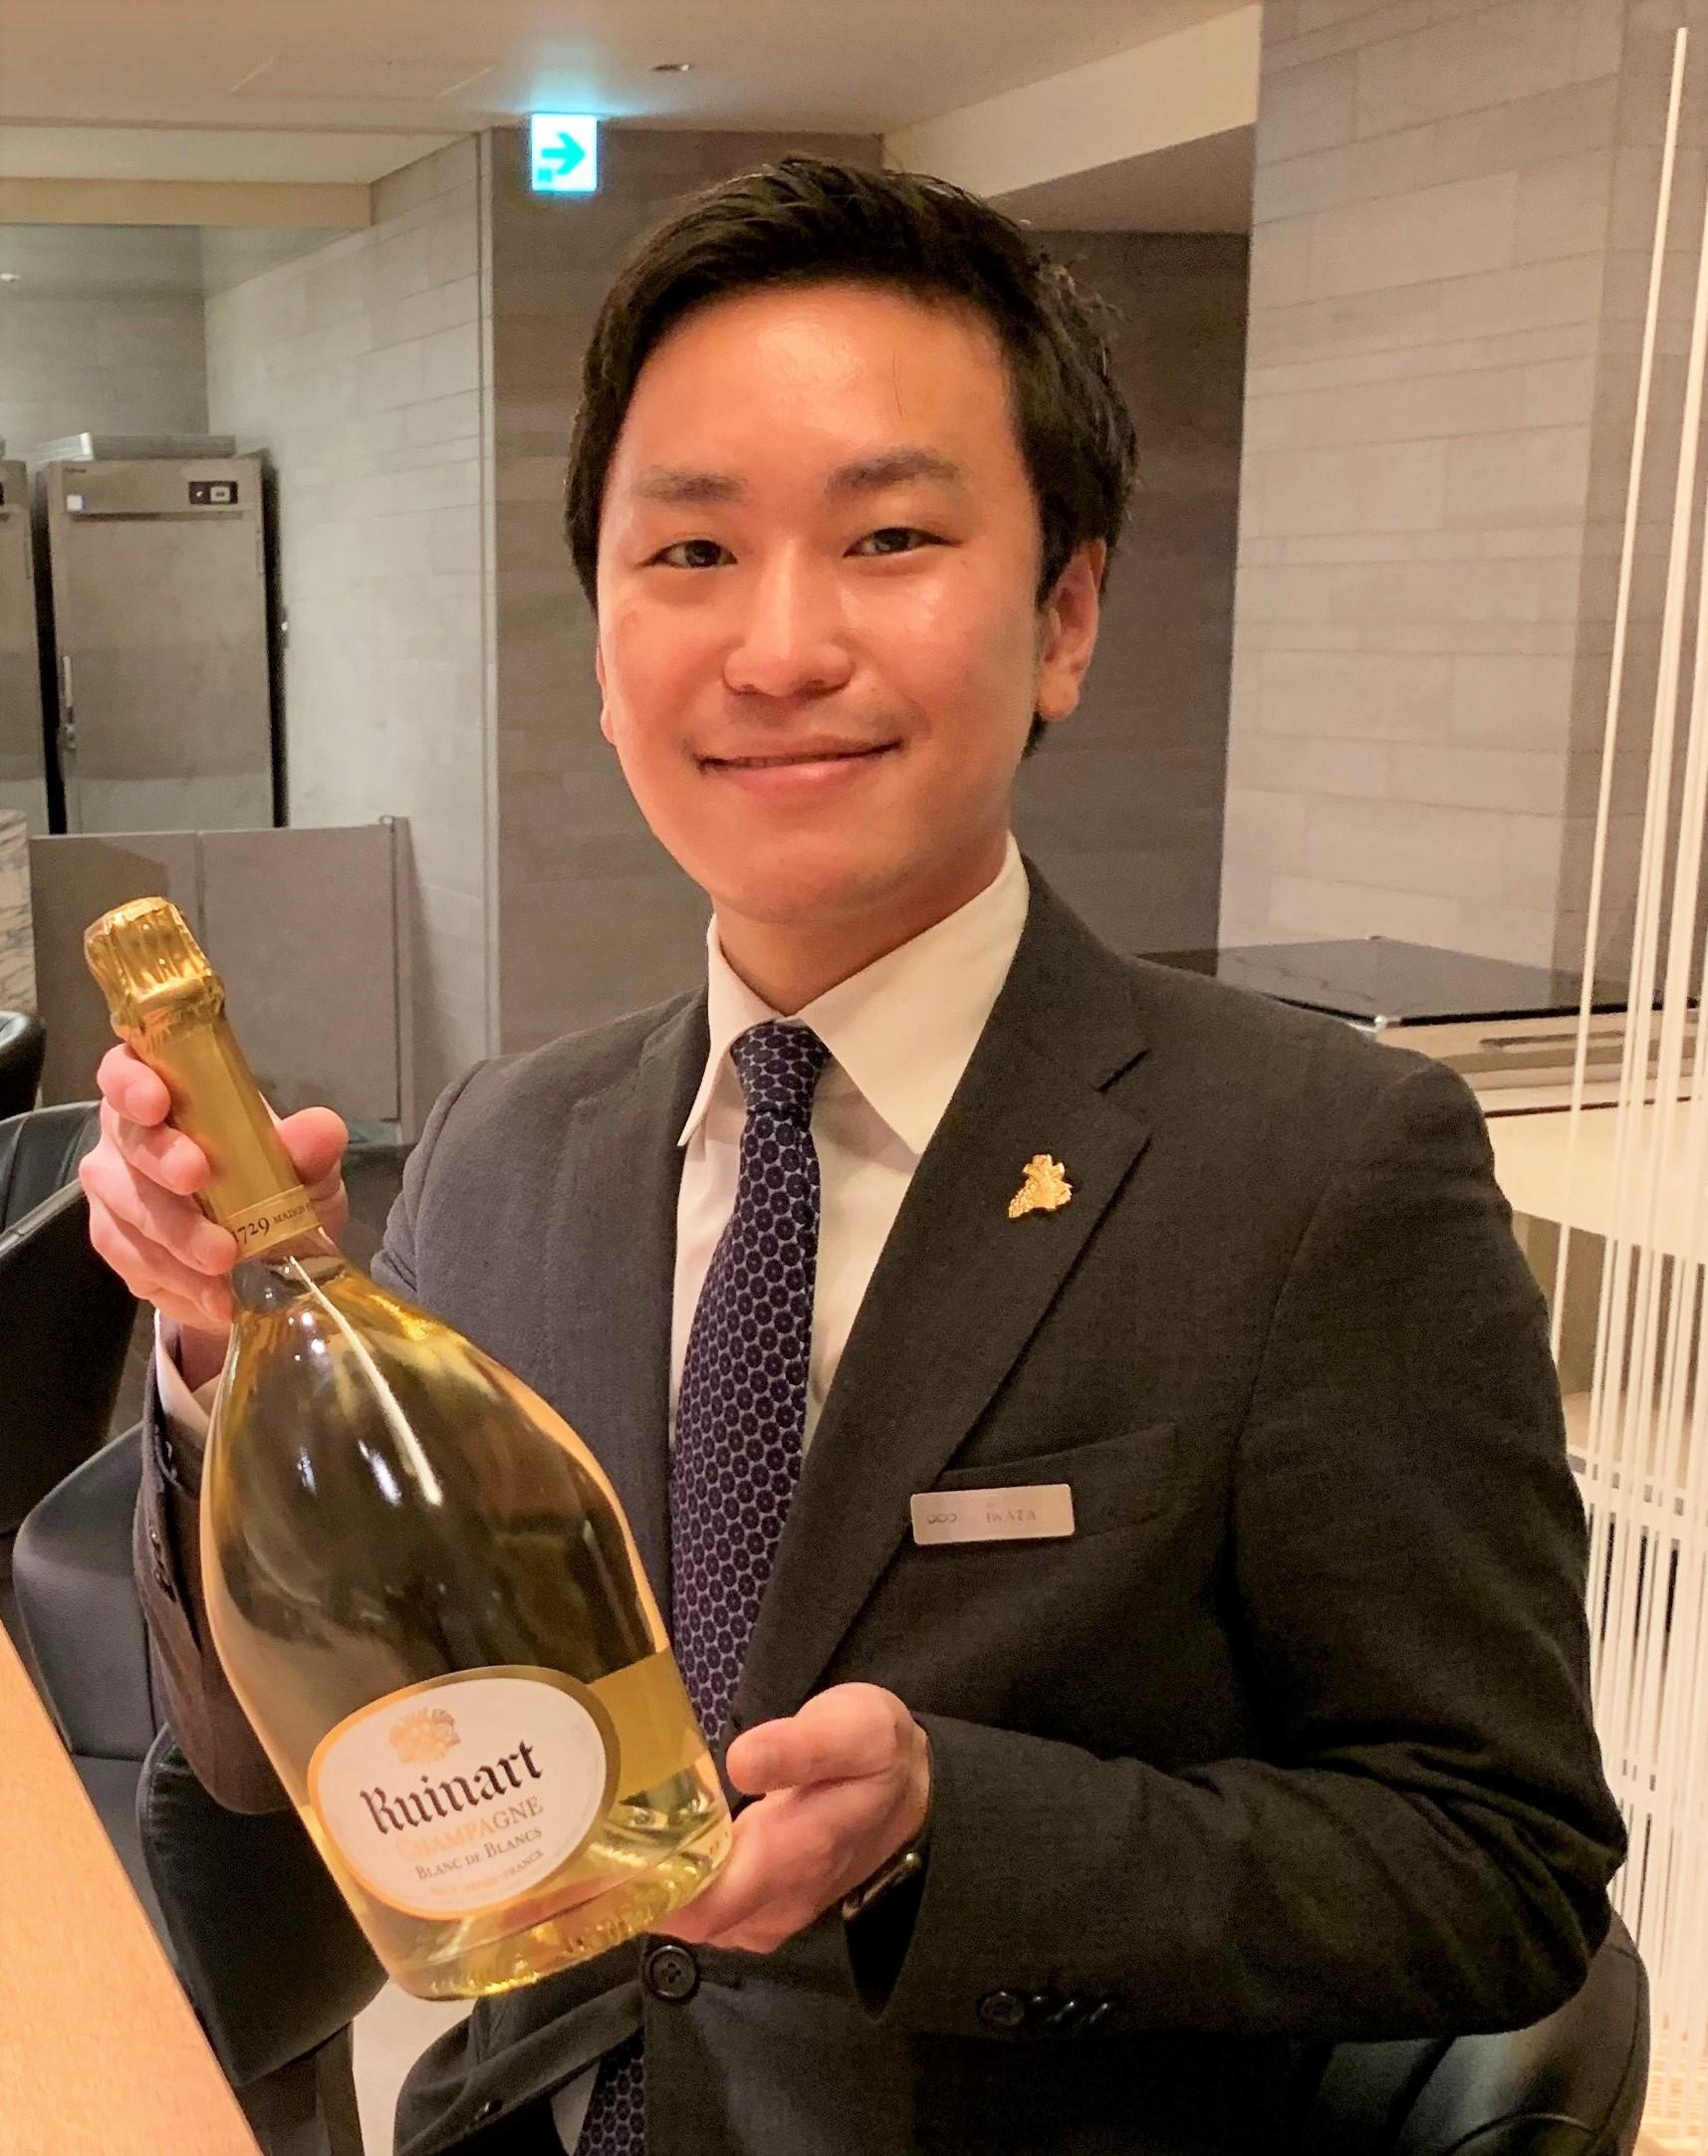 ルイナールのボトルを持つ岩田さんの写真